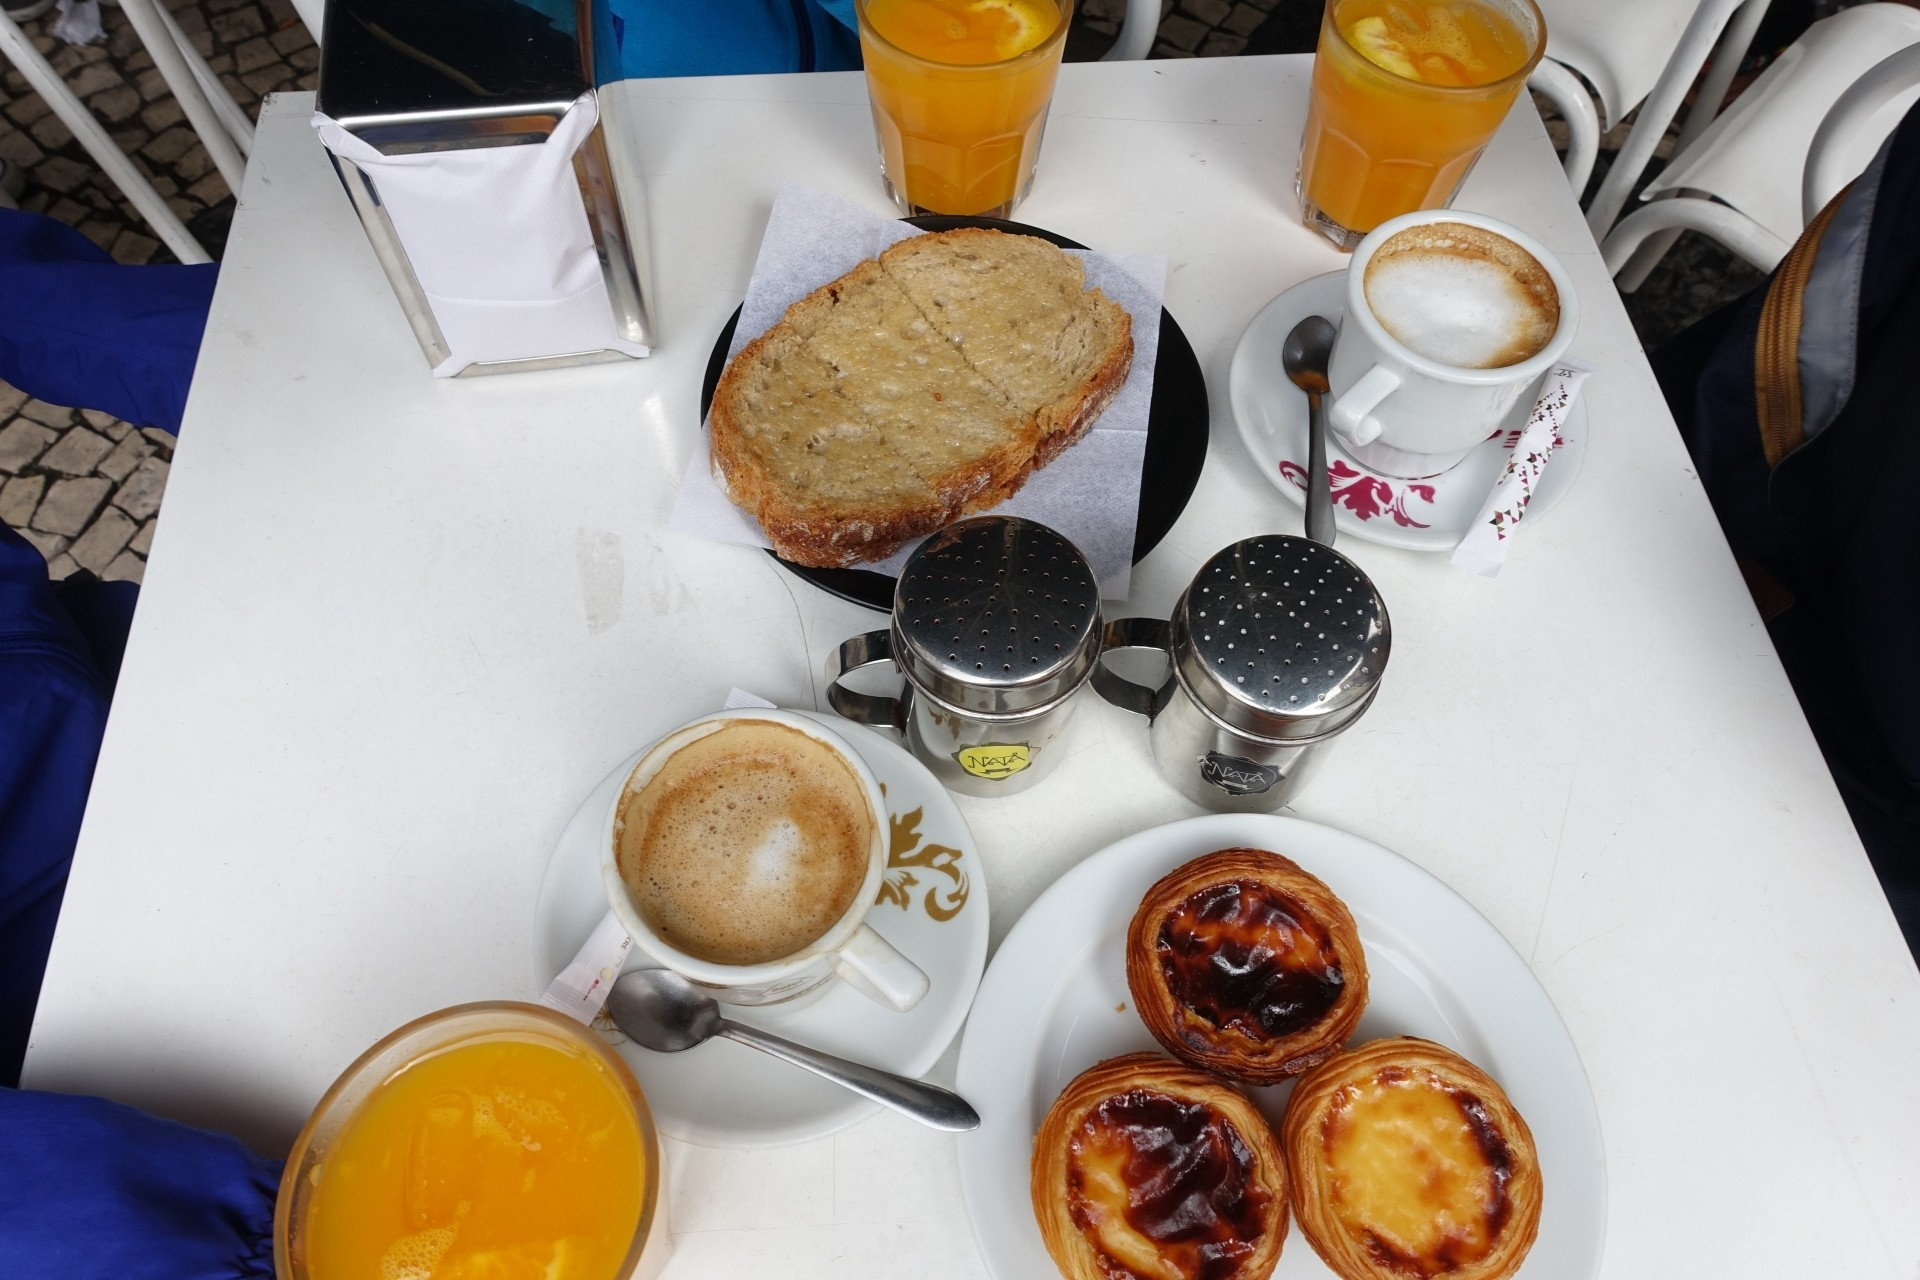 ポルトガルの朝ごはん風景(当日のメニューとは異なります)